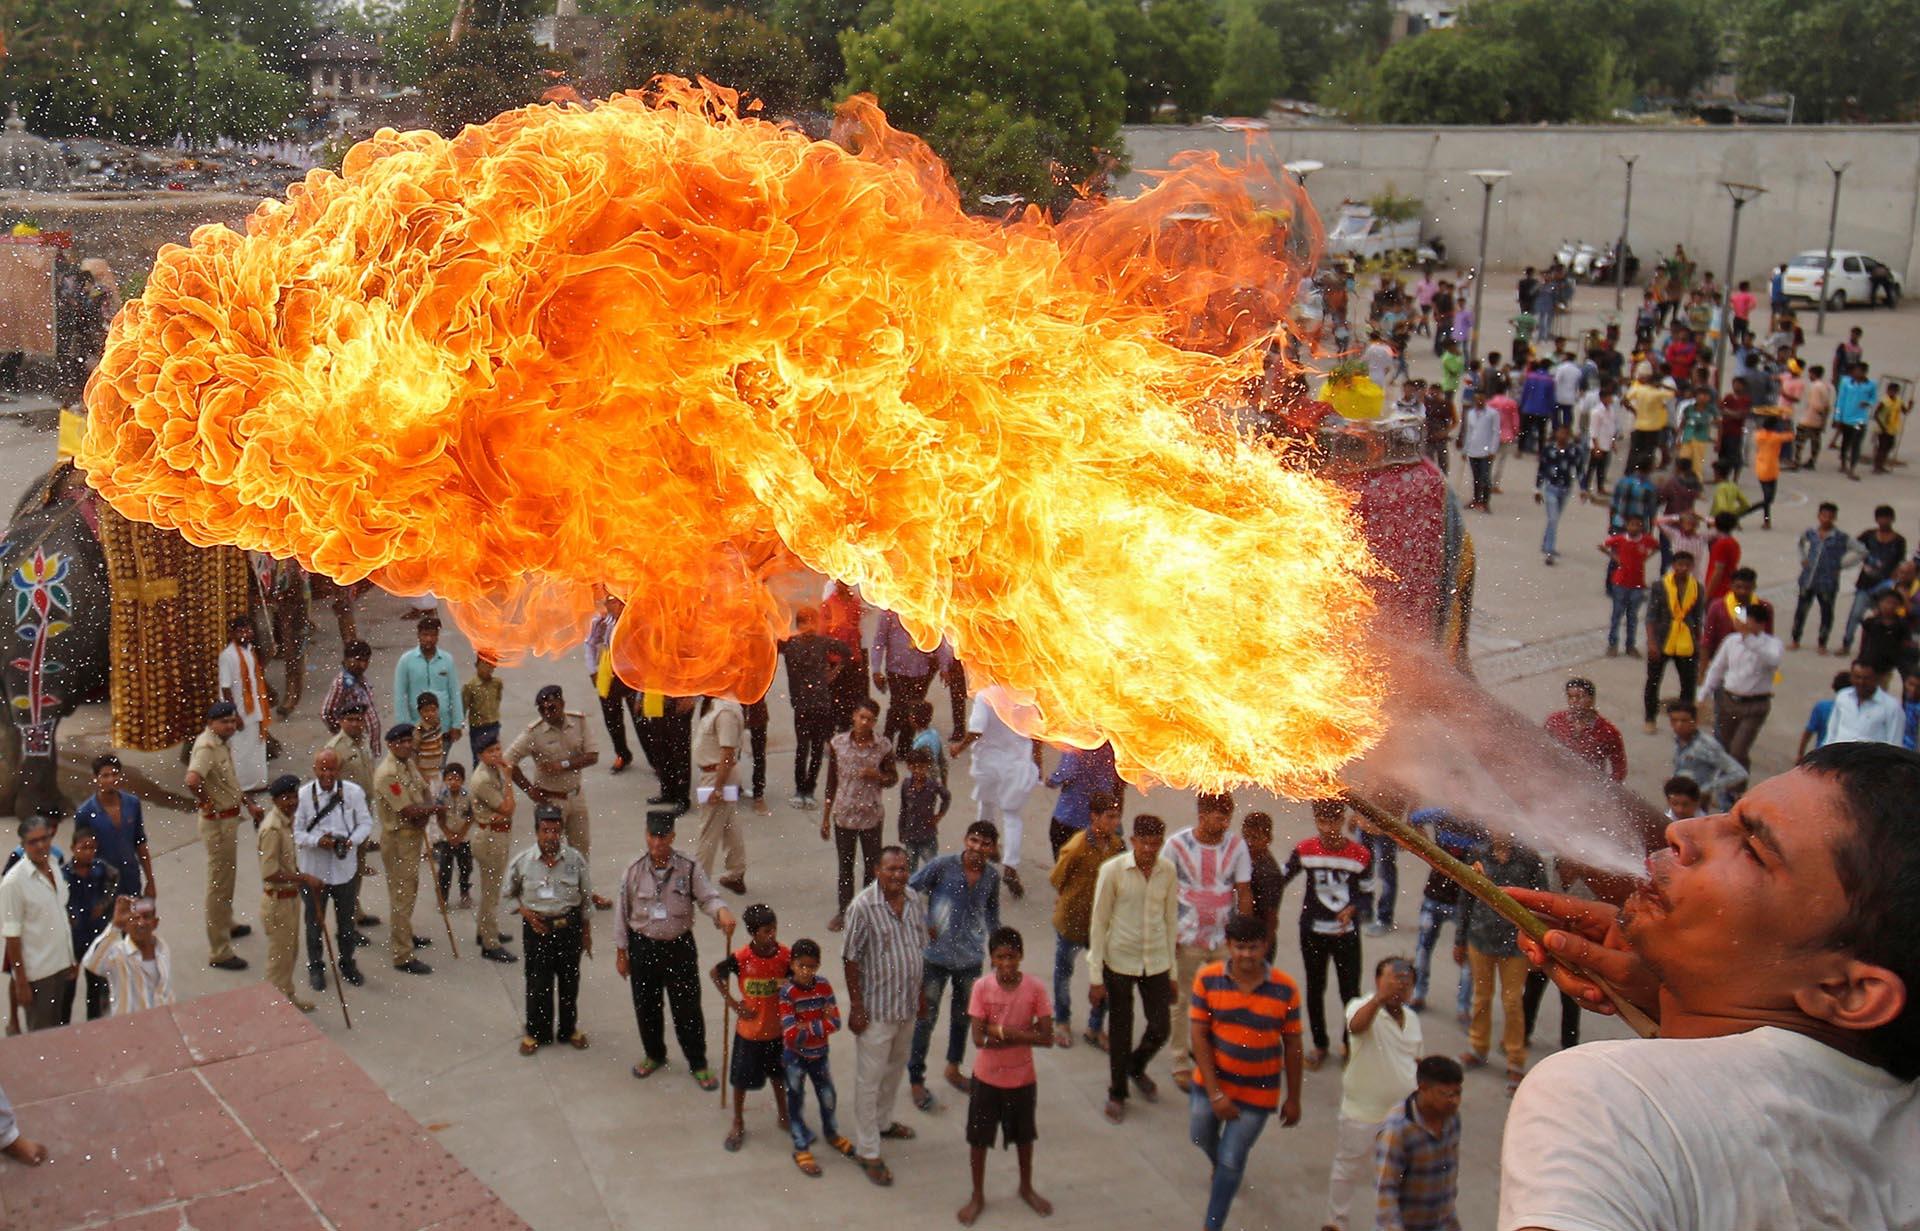 Un devoto hindú realiza un truco con fuego durante la procesión Jal Yatra antes de la anual Rath Yatra que se celebrará el 25 de junio en Ahmedabad, India